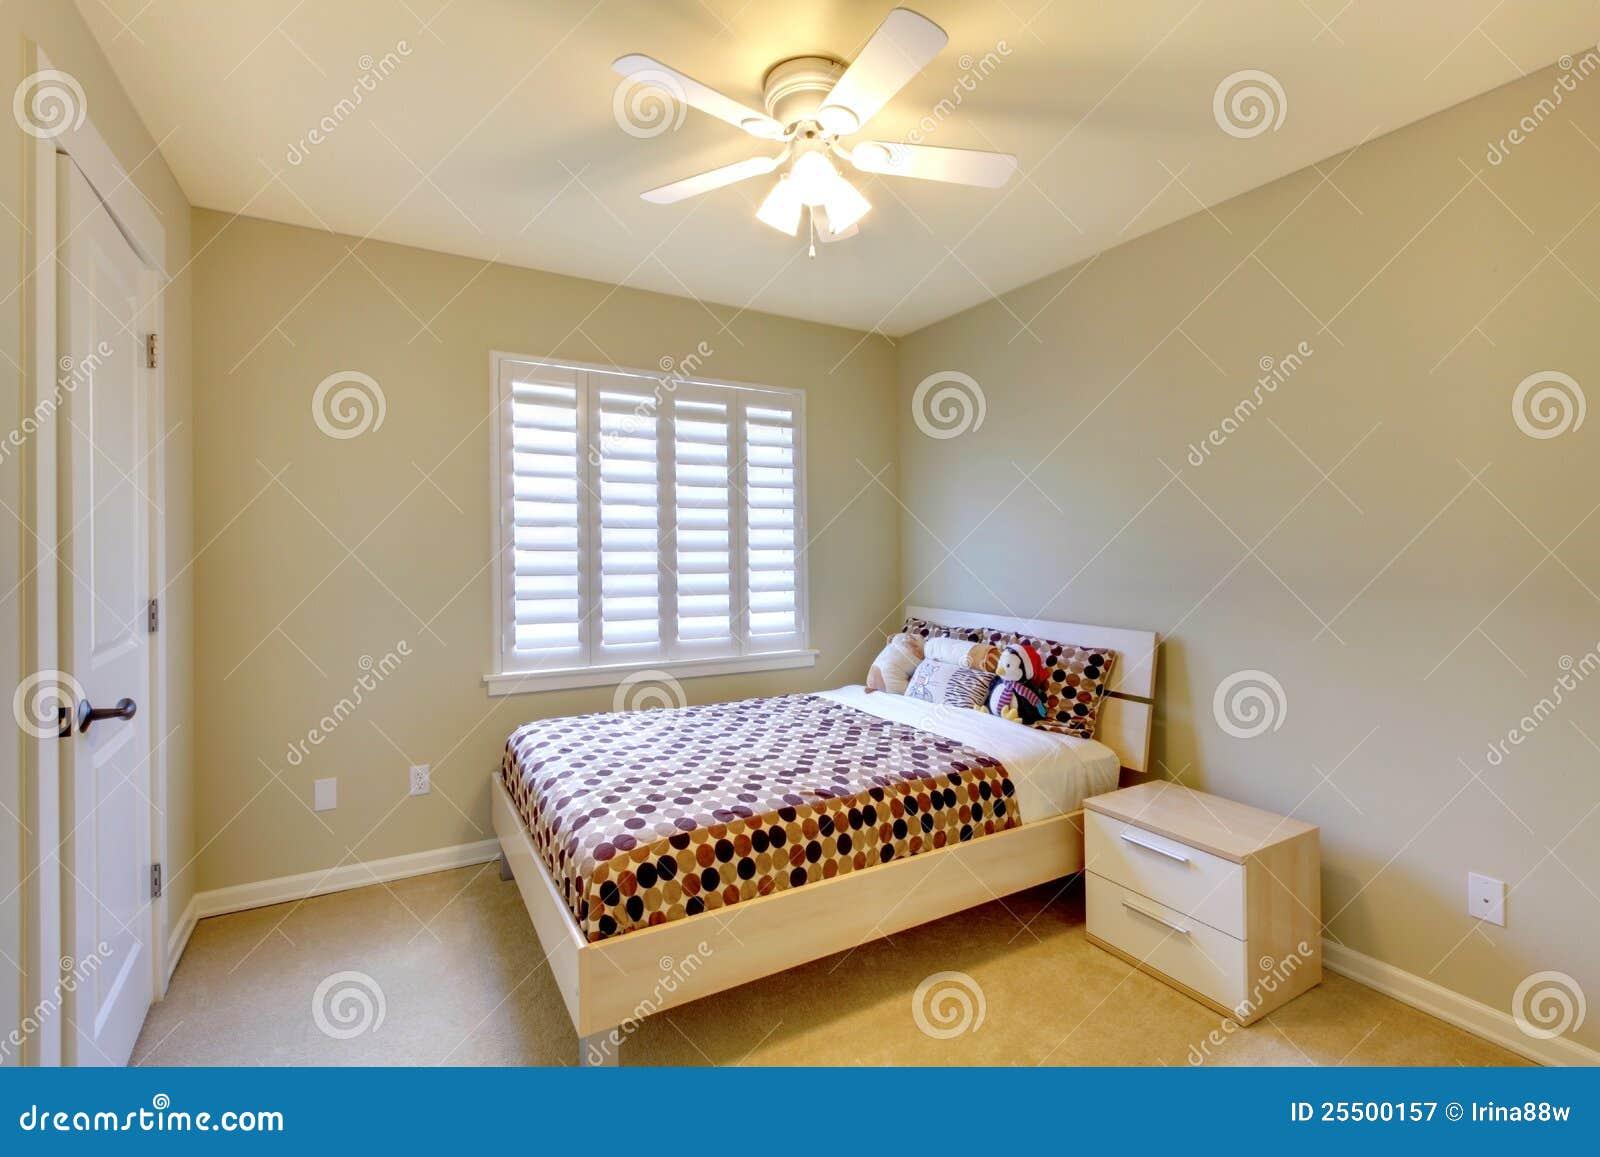 Camera Da Letto Beige : Camera da letto beige con la base dei bambini. immagine stock